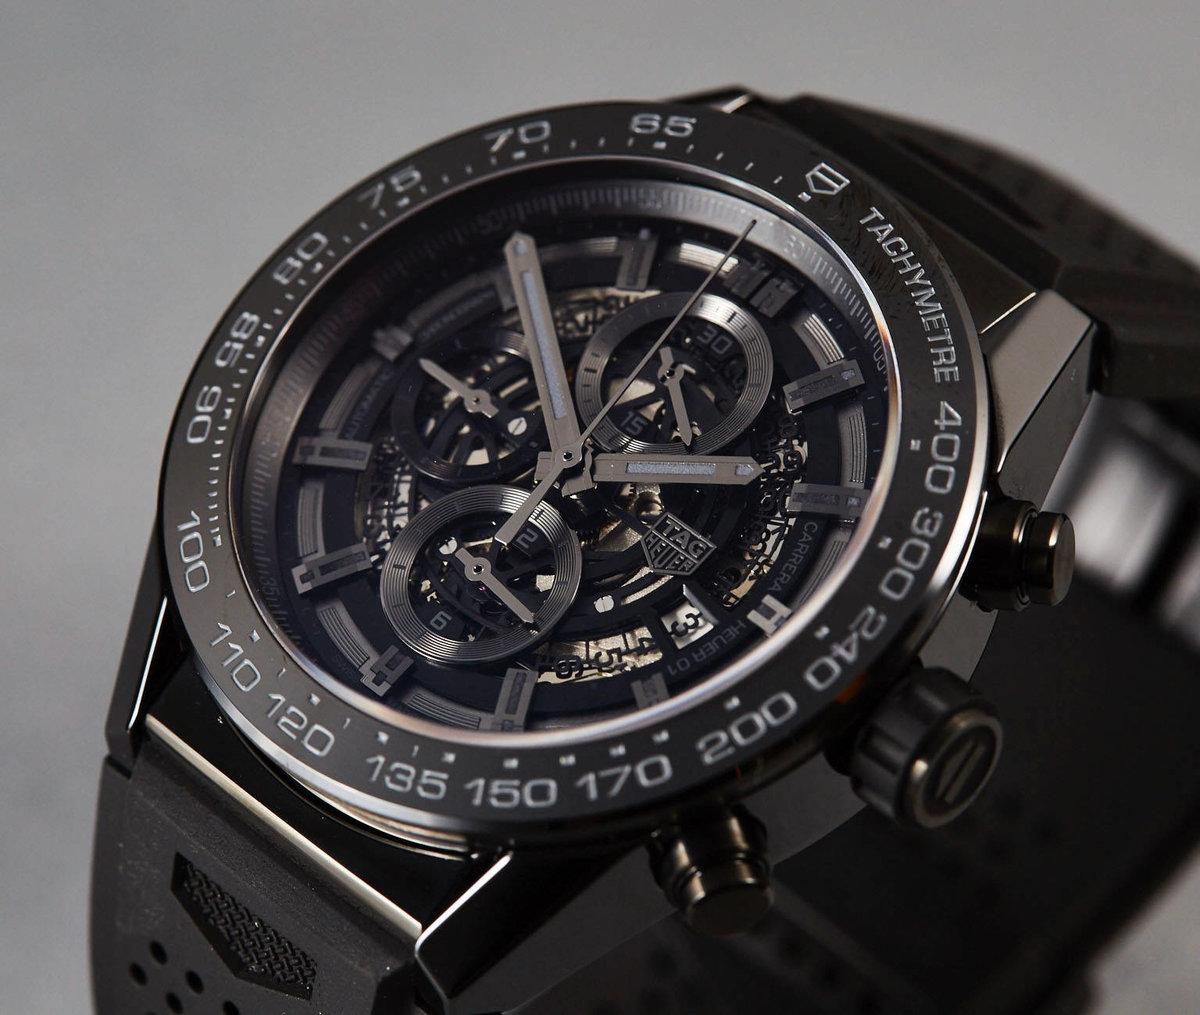 На часы мужские tag heuer цена соответствует качеству: в случае оплаты по безналичному расчёту вы экономите руб.